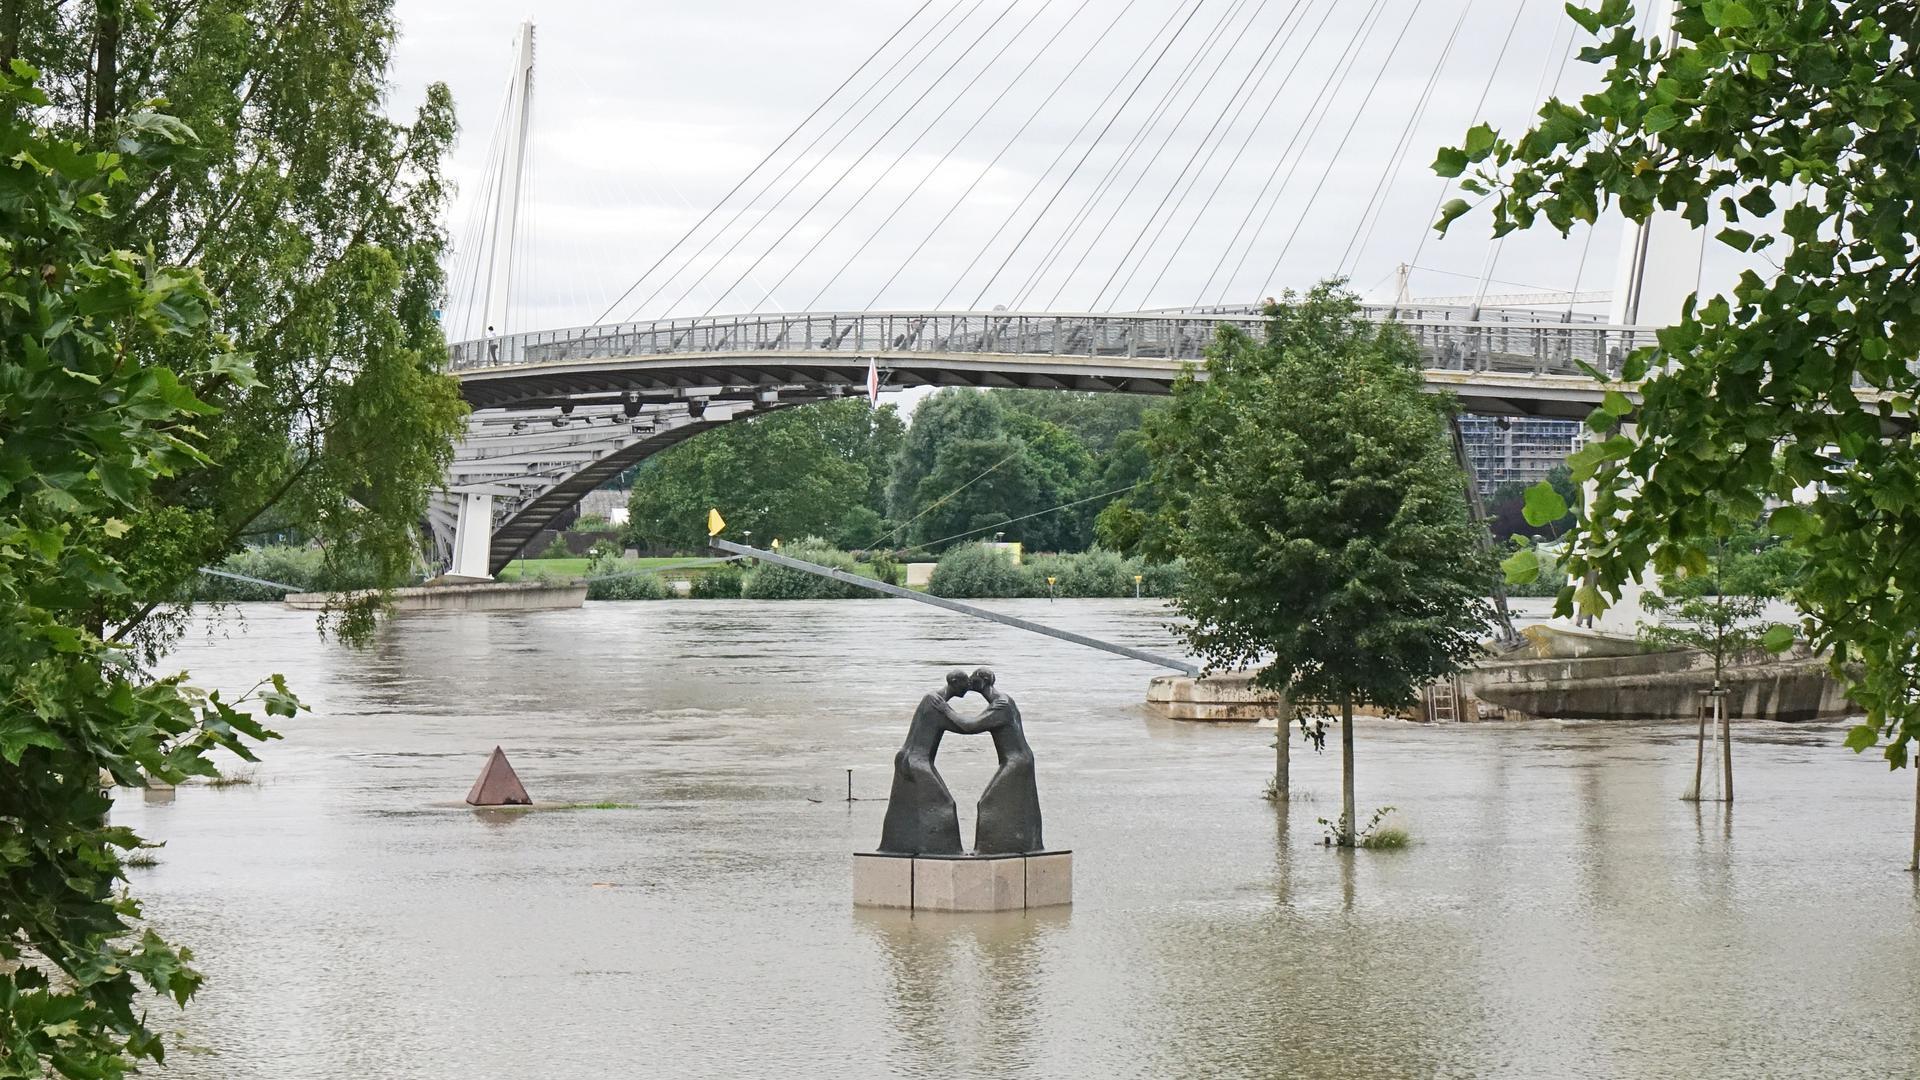 Rheinvorland Kehl mit Passerelle unter Wasser